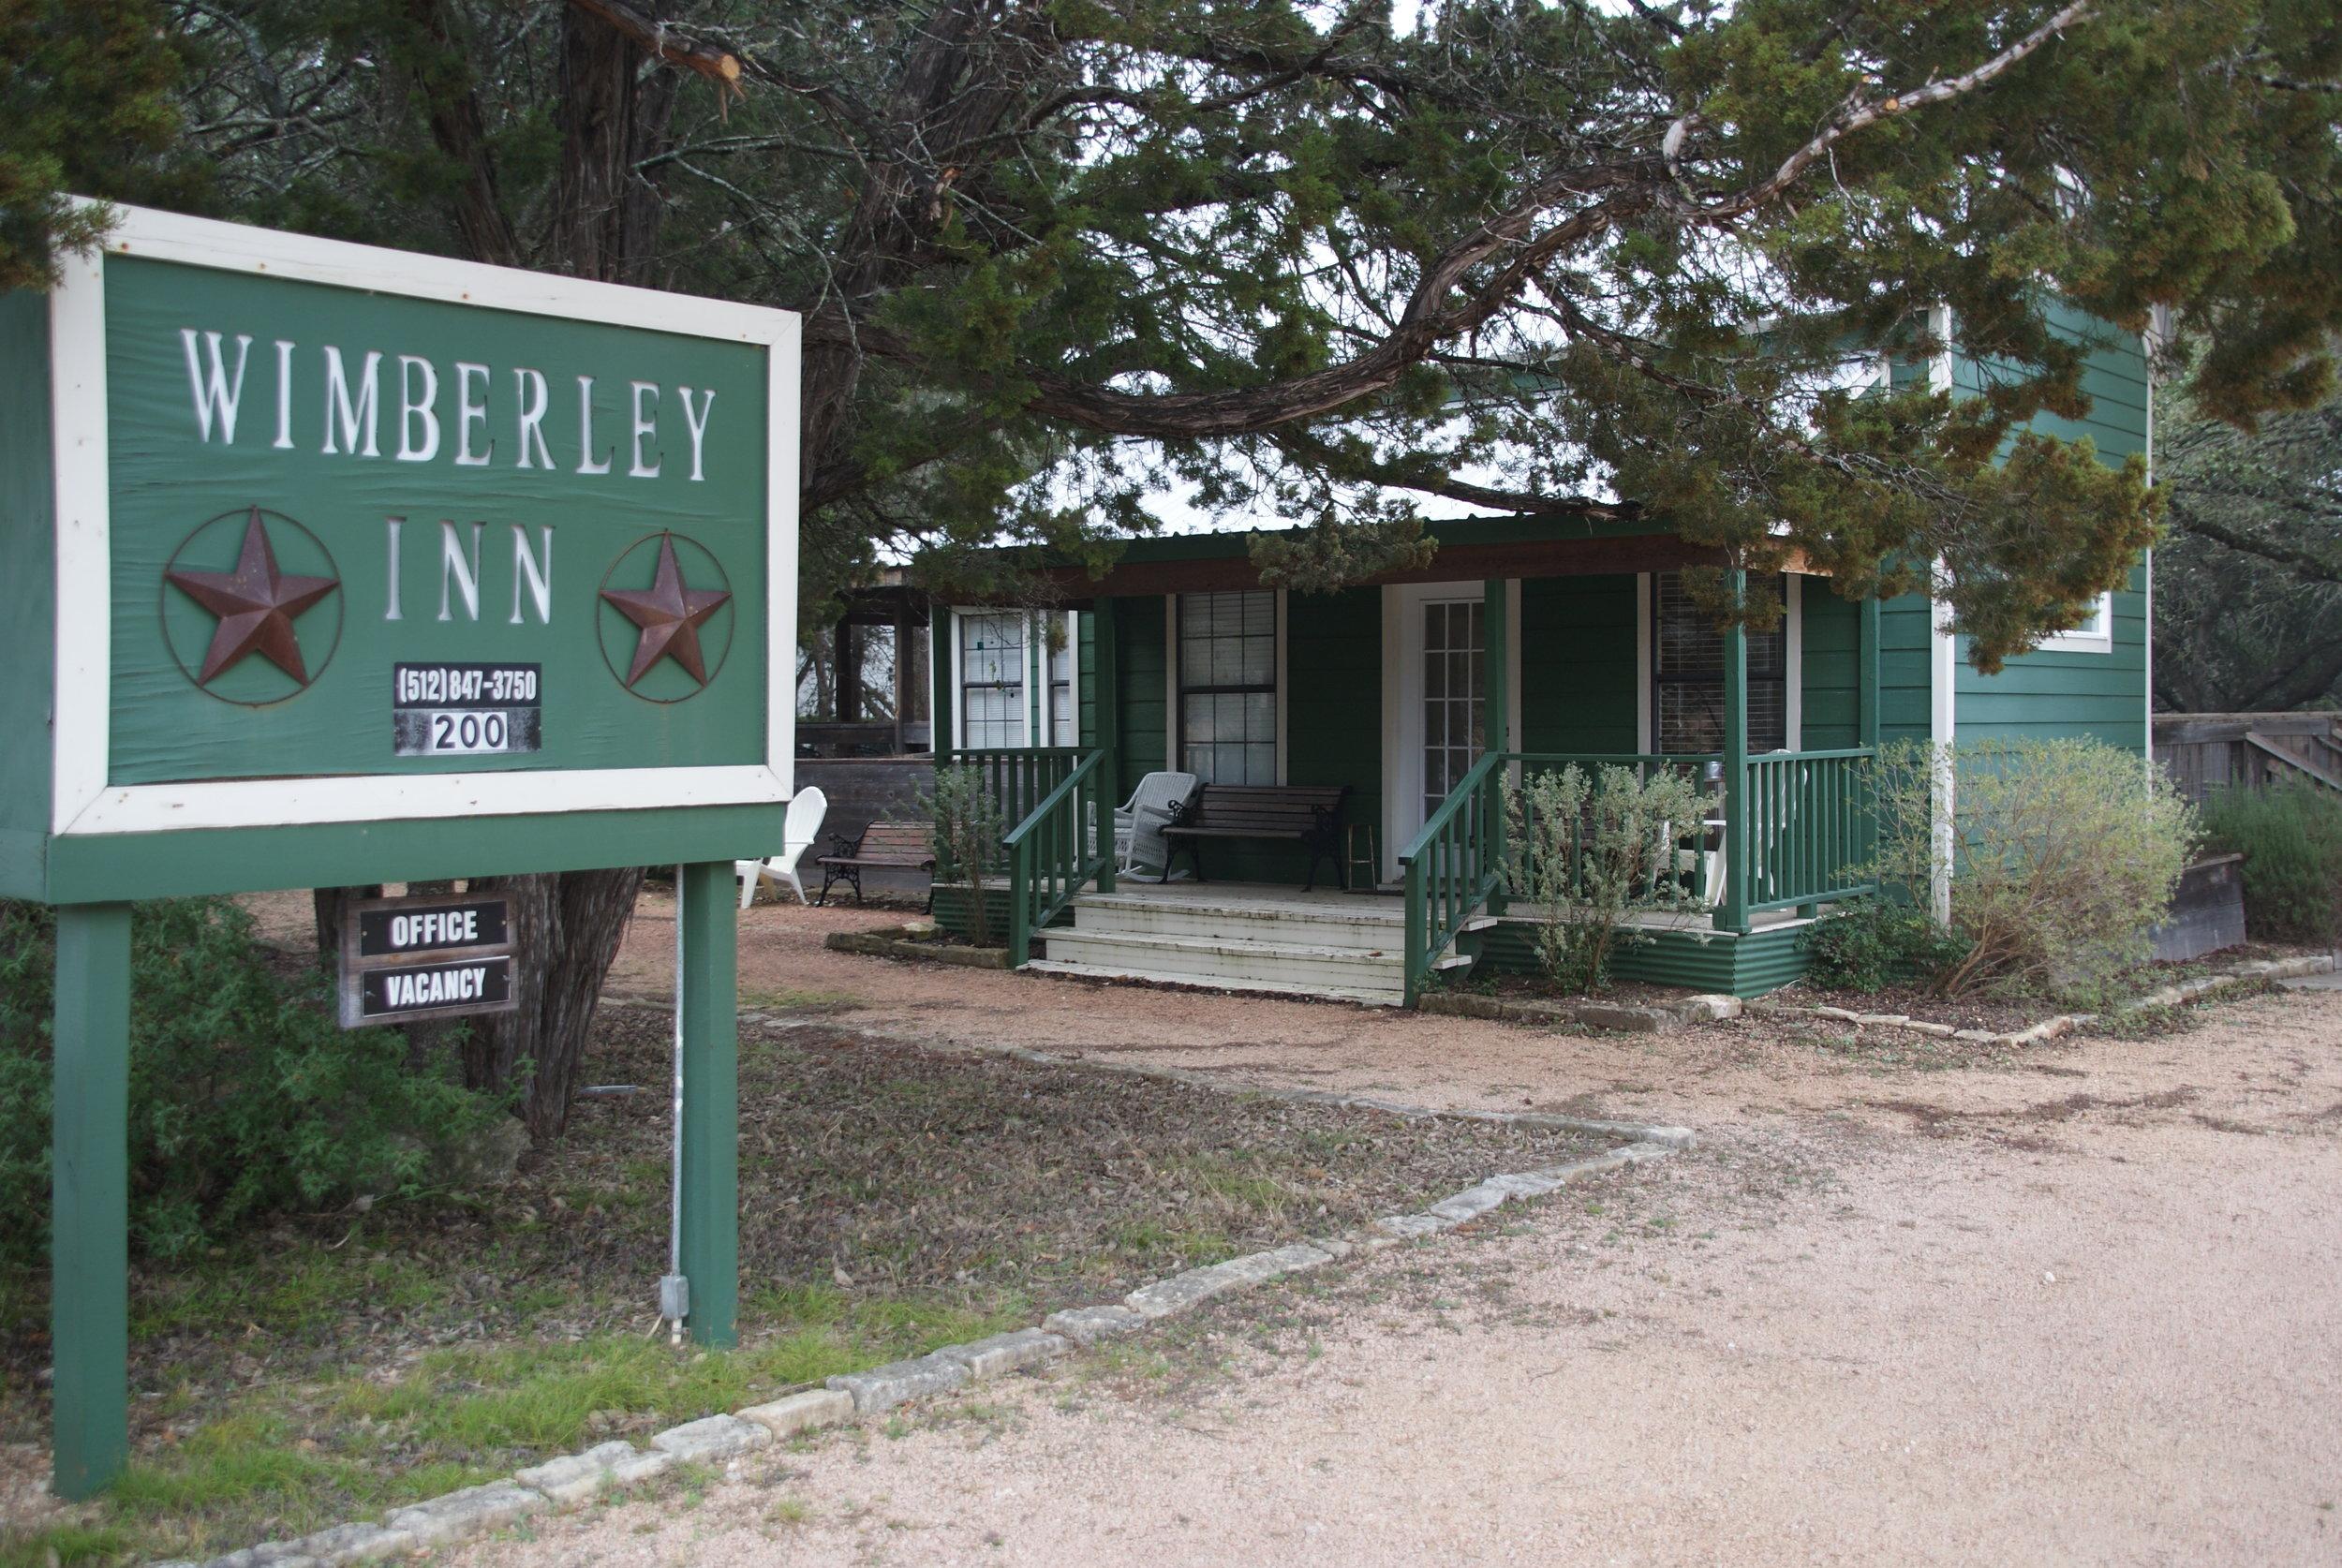 The-Green-House-at-The-Wimberley-Inn-Texas.jpg